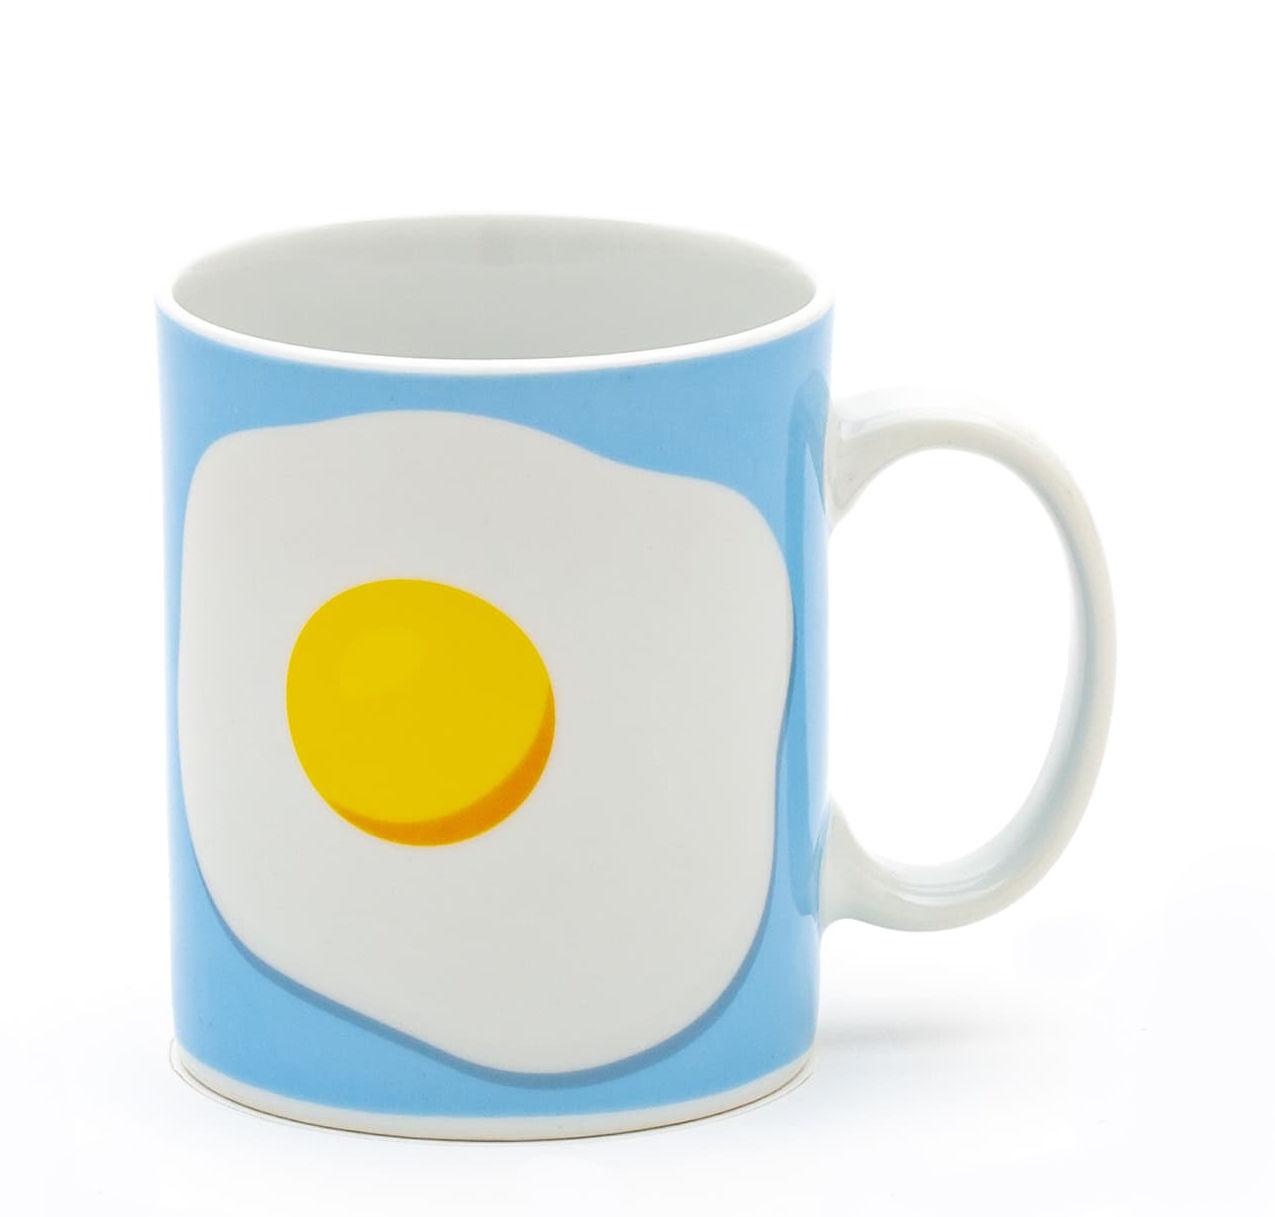 Arts de la table - Tasses et mugs - Mug Œuf / Porcelaine - Seletti - Œuf - Porcelaine